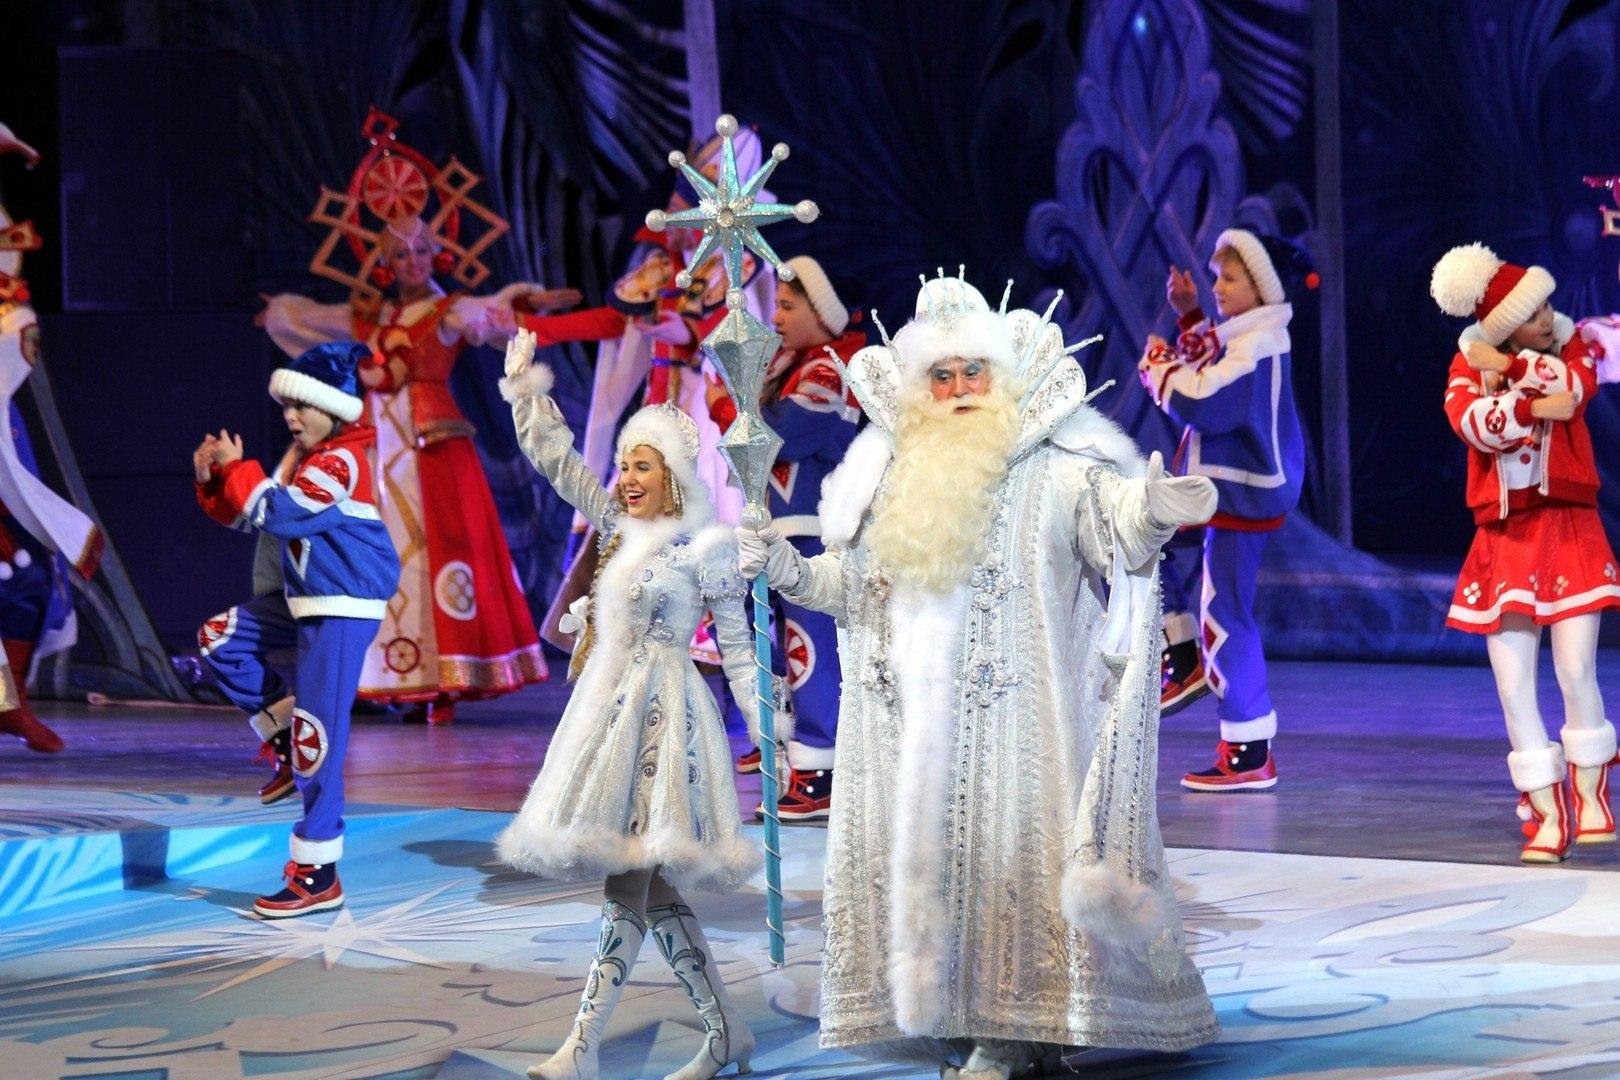 Новогодние елки для детей 2019 - 2019 СПб. Афиша, расписание, цены на билеты картинки